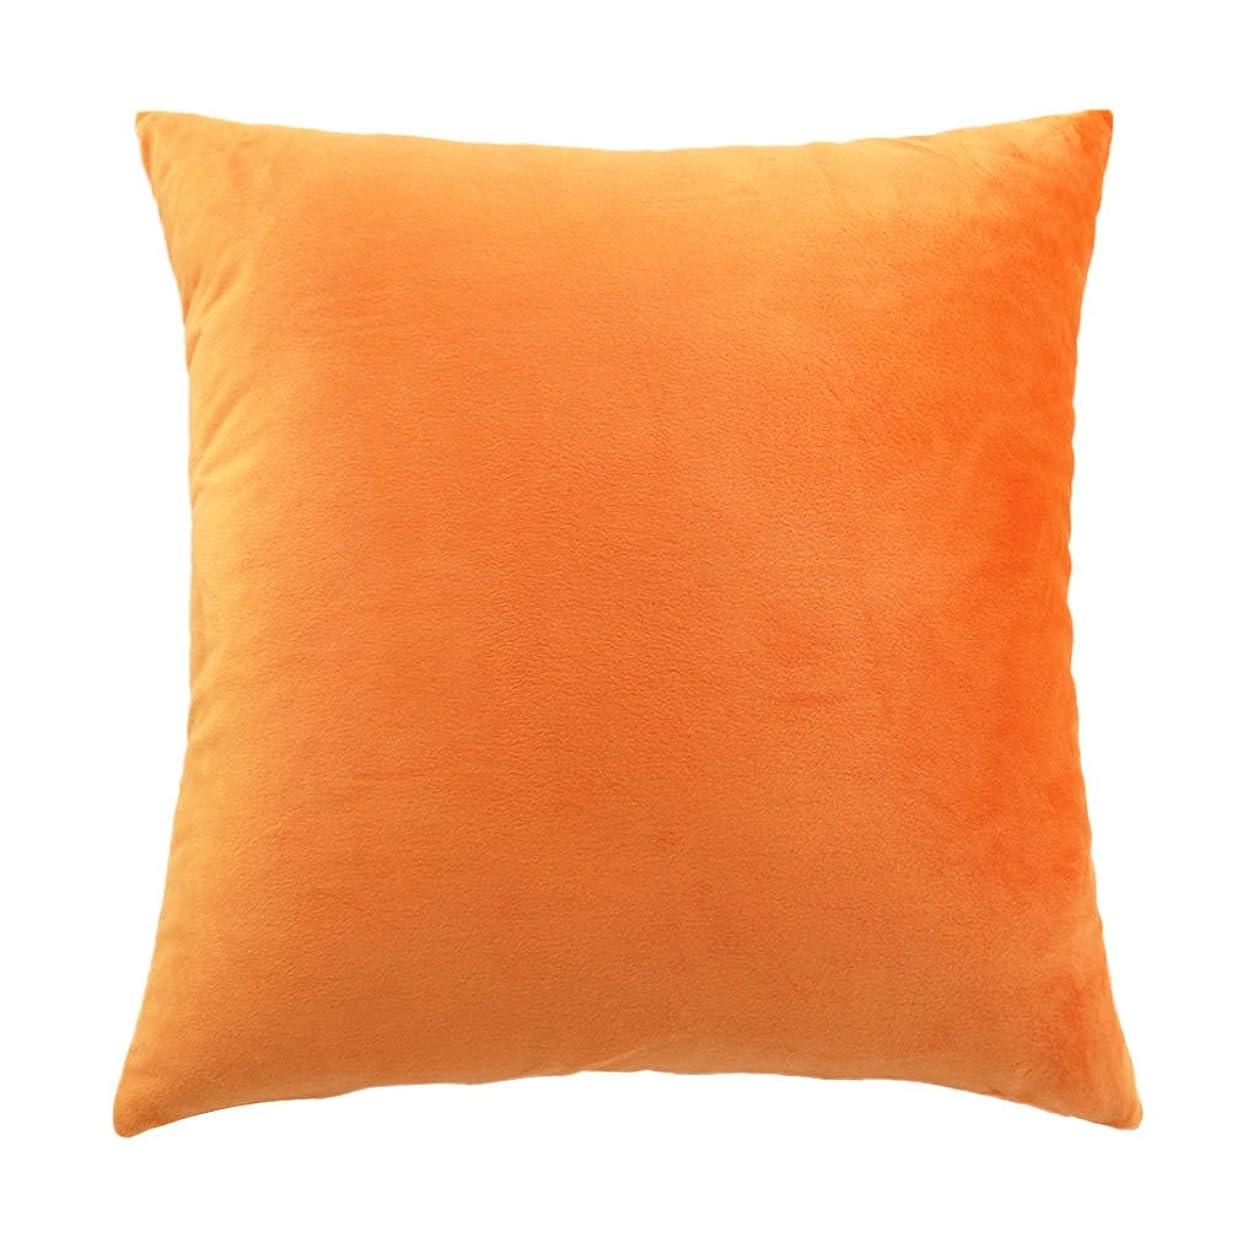 トン種類信仰45x45cm 柔らかい ベルベット 枕カバー クッション ケース ソファ 車 装飾 11色選べる - オレンジ